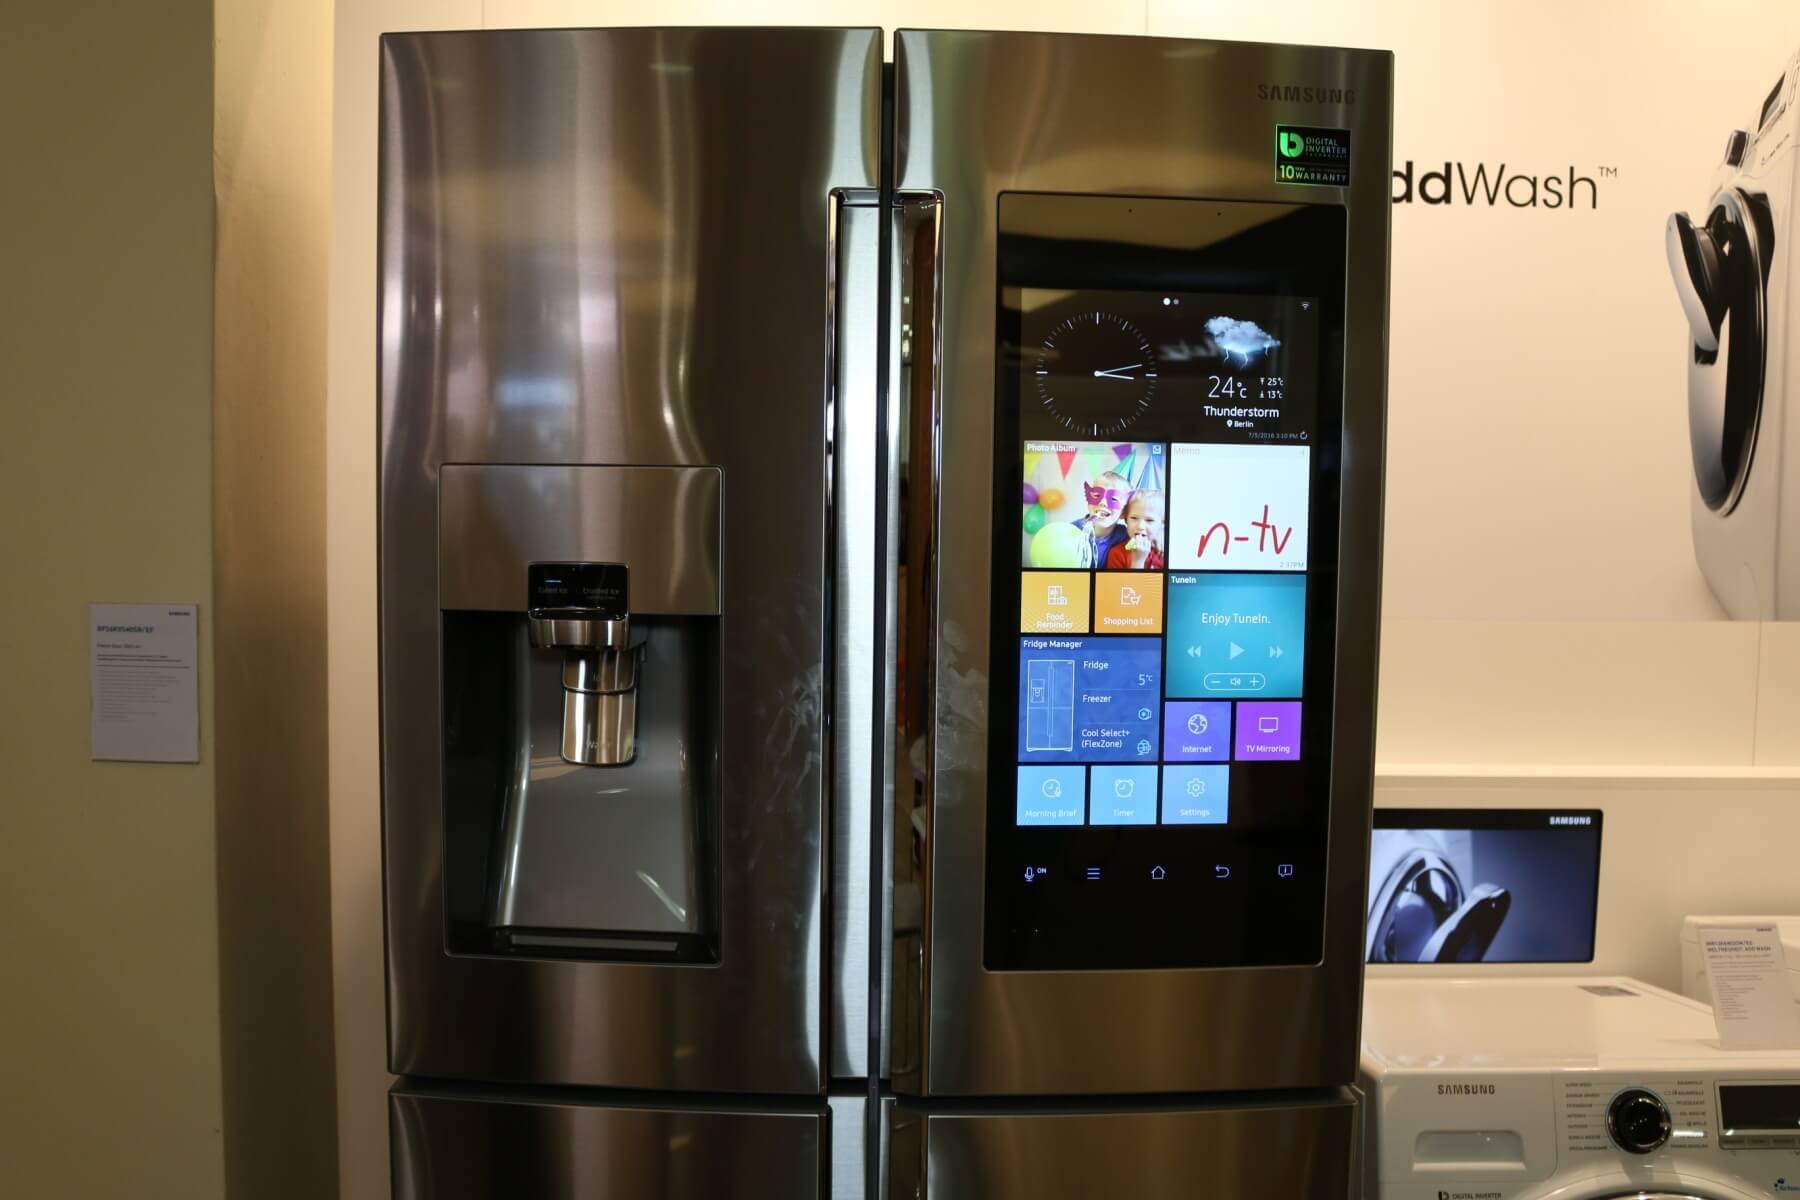 Side By Side Kühlschrank Display : Ausgescherzt quadcore kühlschrank mit full hd display kommt zu uns